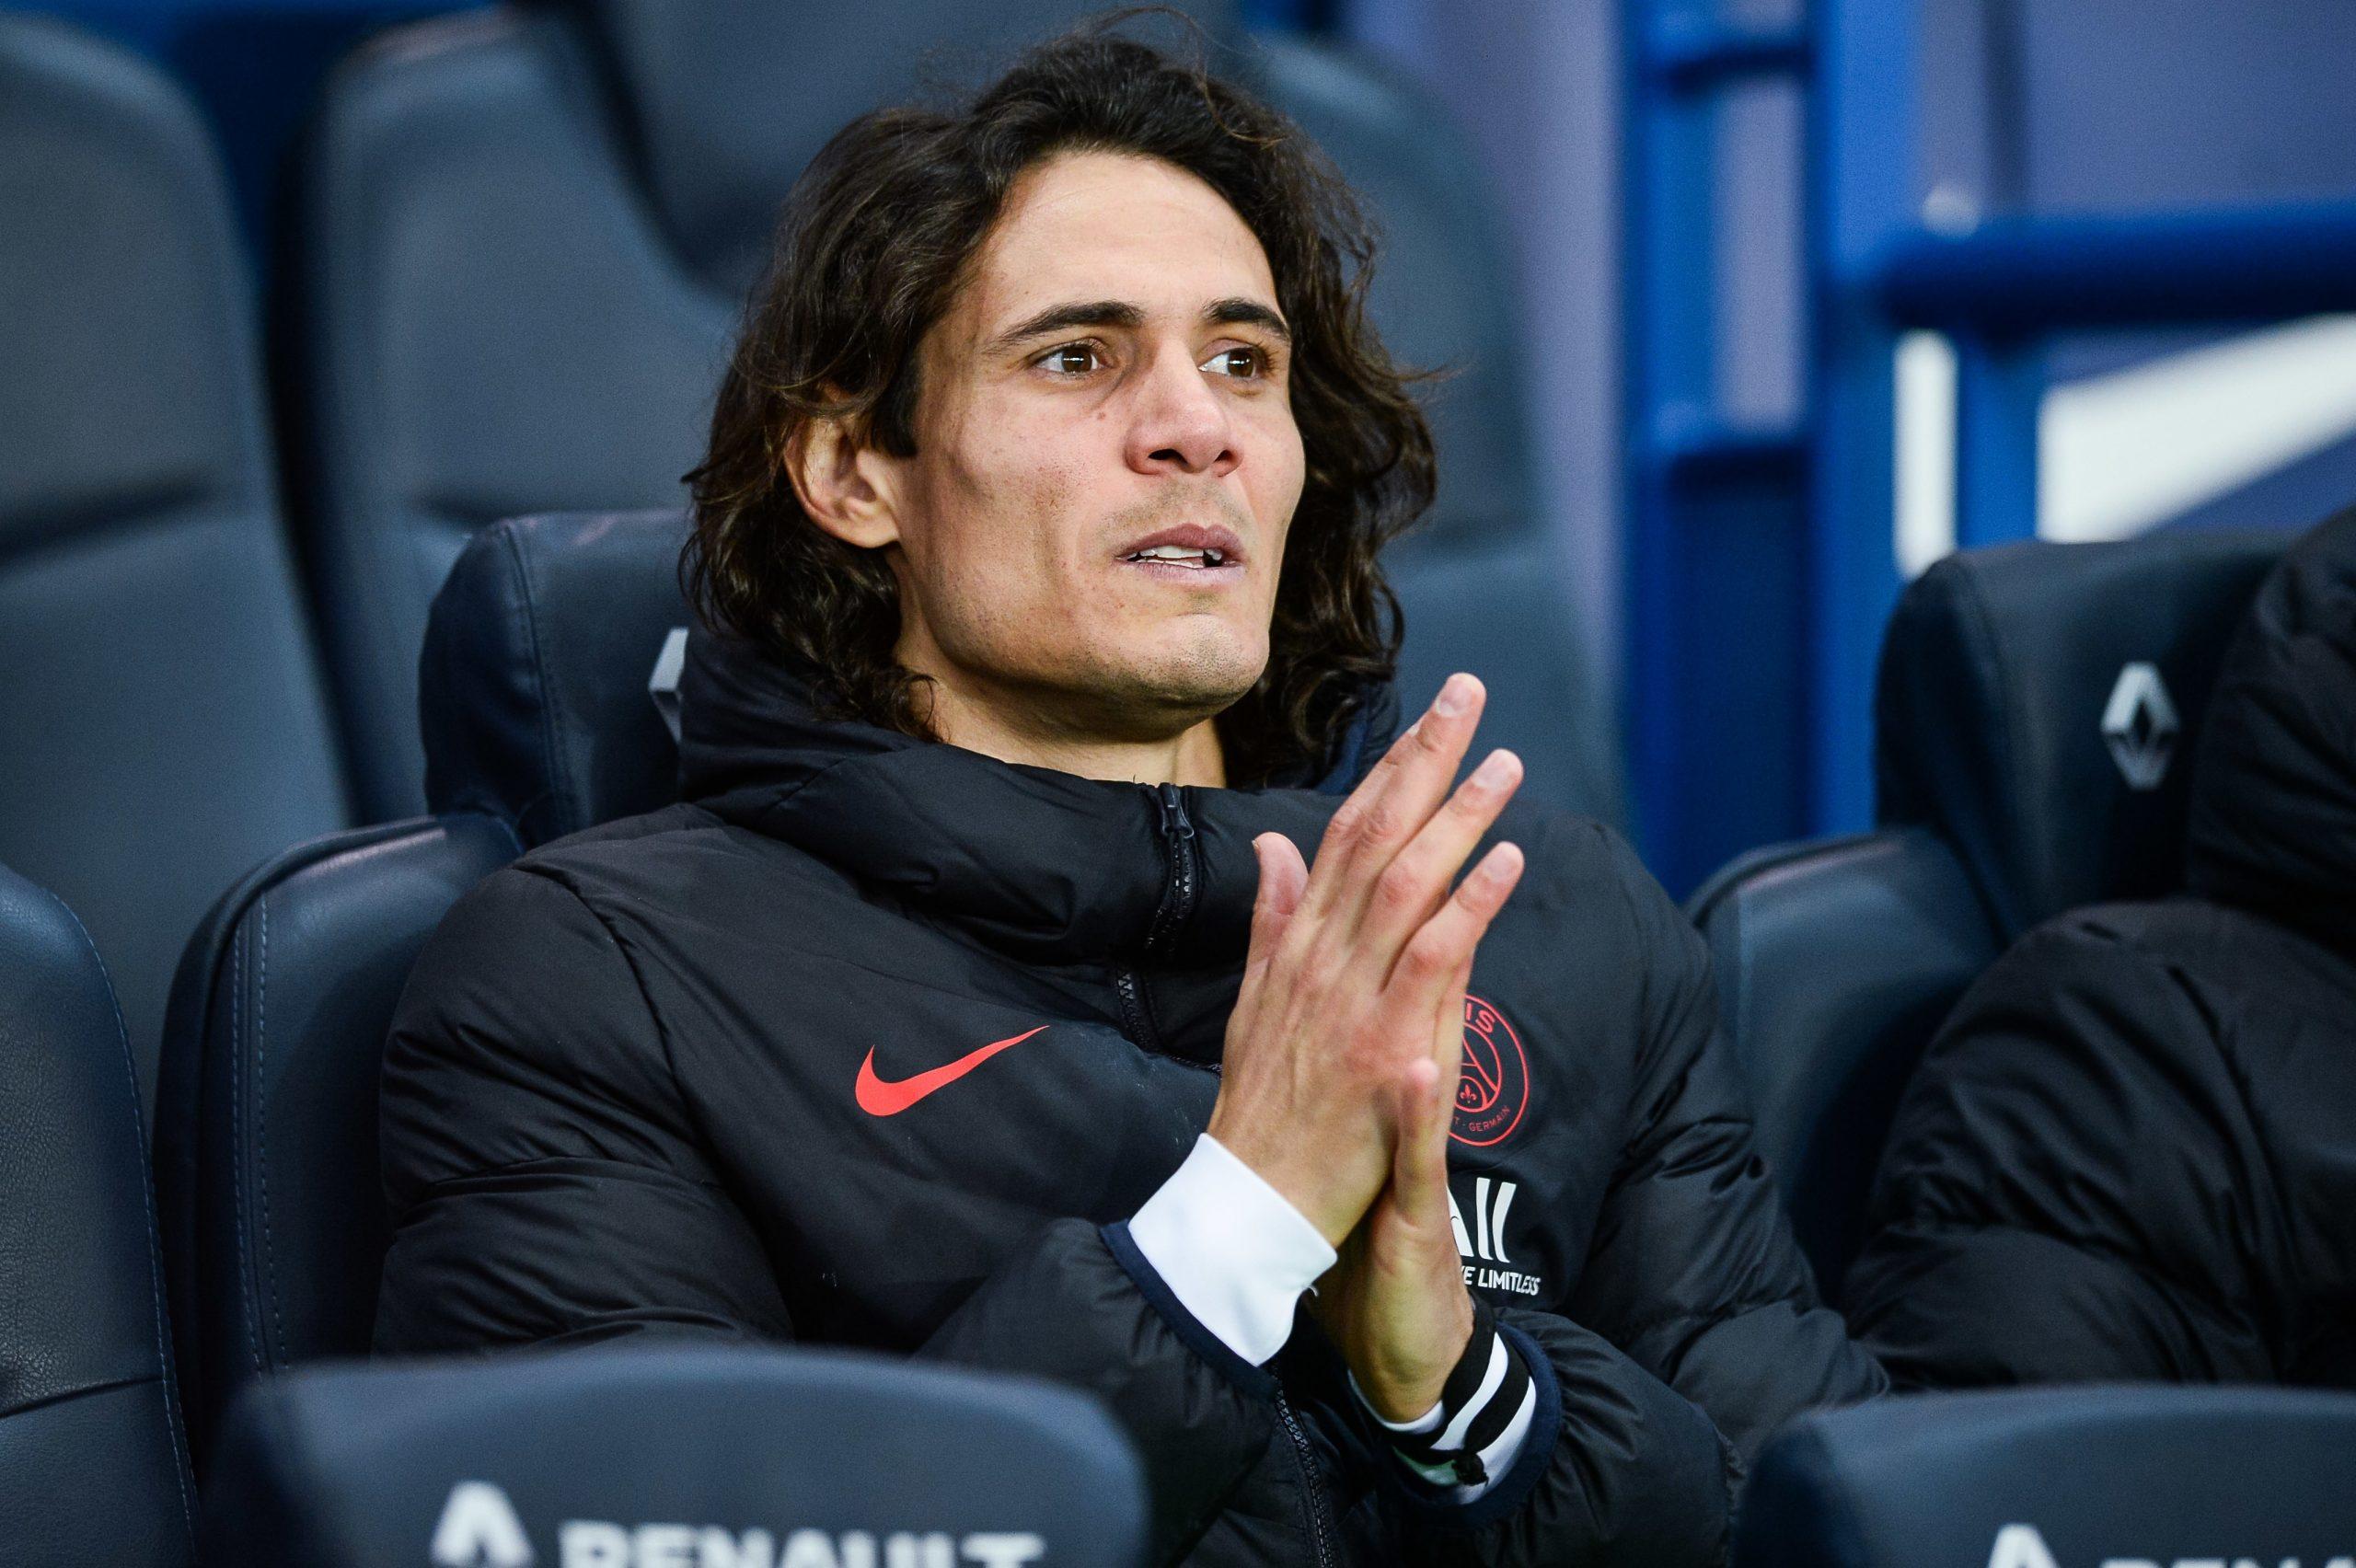 Mercato - L'entourage de Cavani annonce la fin du dossier le «28 ou le 29» dans Mundo Deportivo